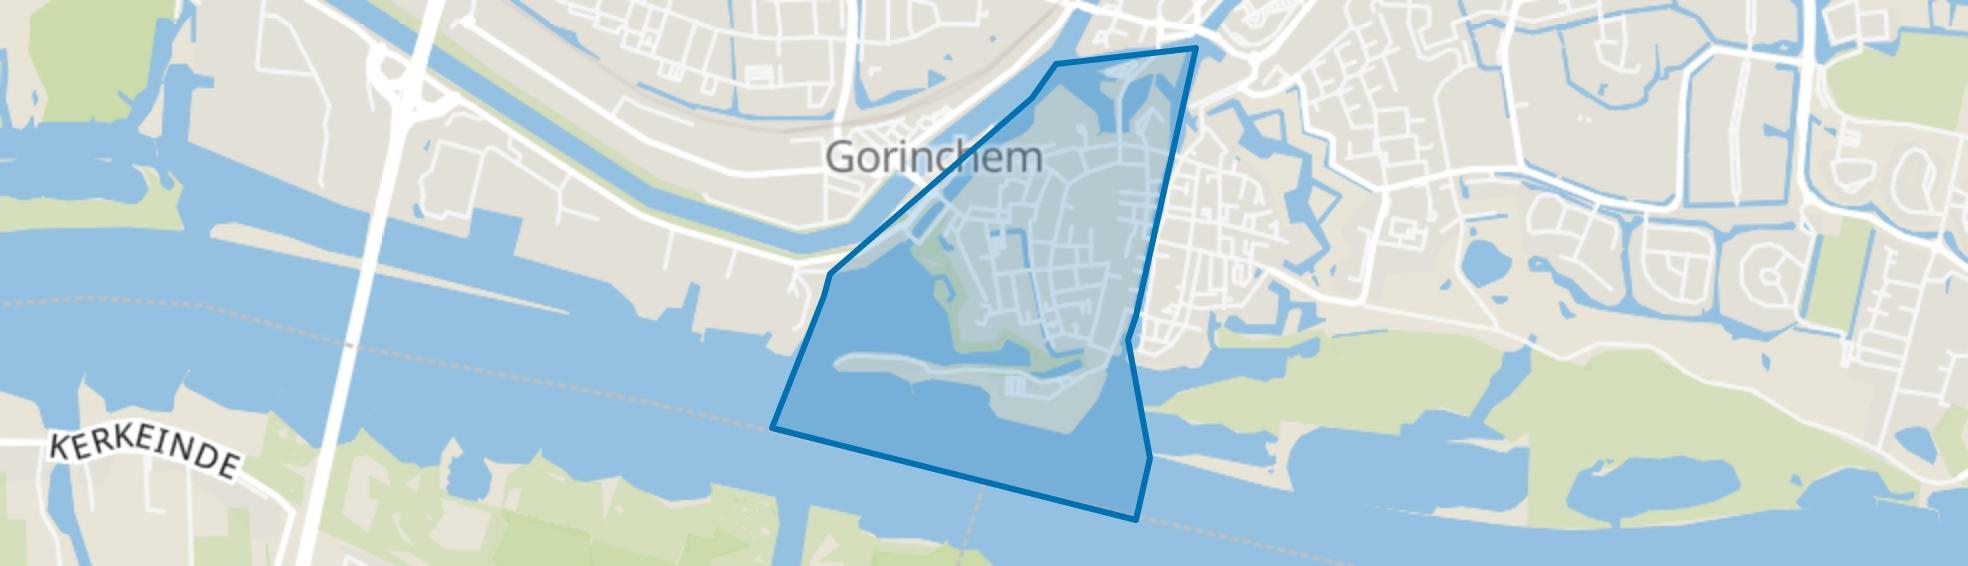 Benedenstad, Gorinchem map